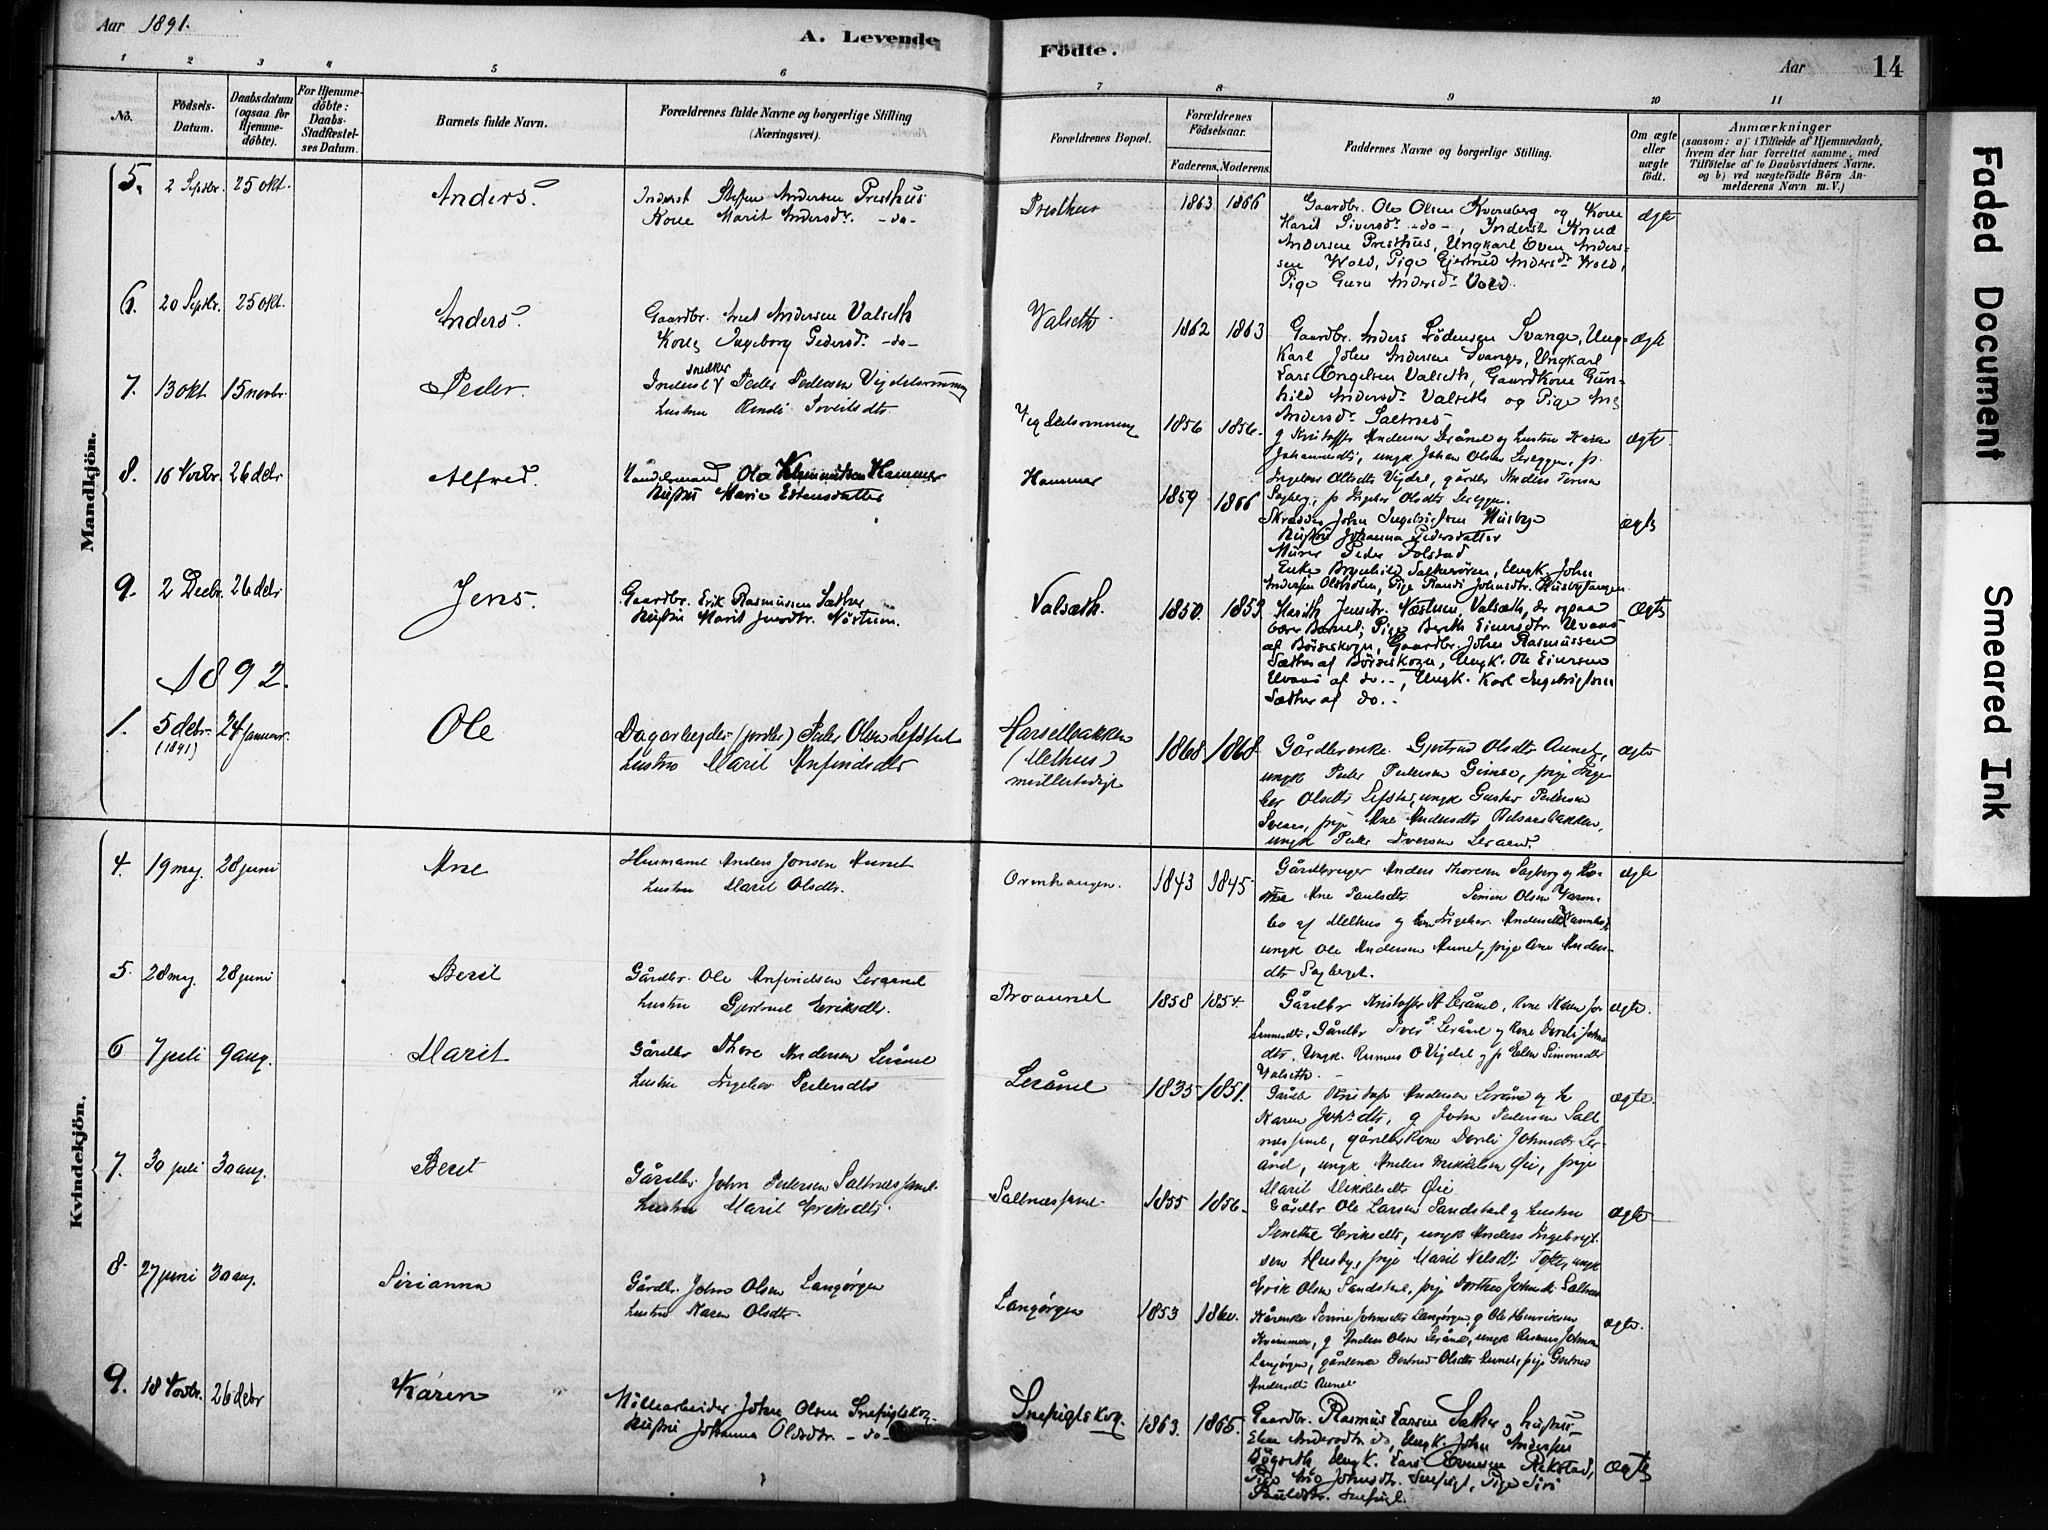 SAT, Ministerialprotokoller, klokkerbøker og fødselsregistre - Sør-Trøndelag, 666/L0786: Ministerialbok nr. 666A04, 1878-1895, s. 14